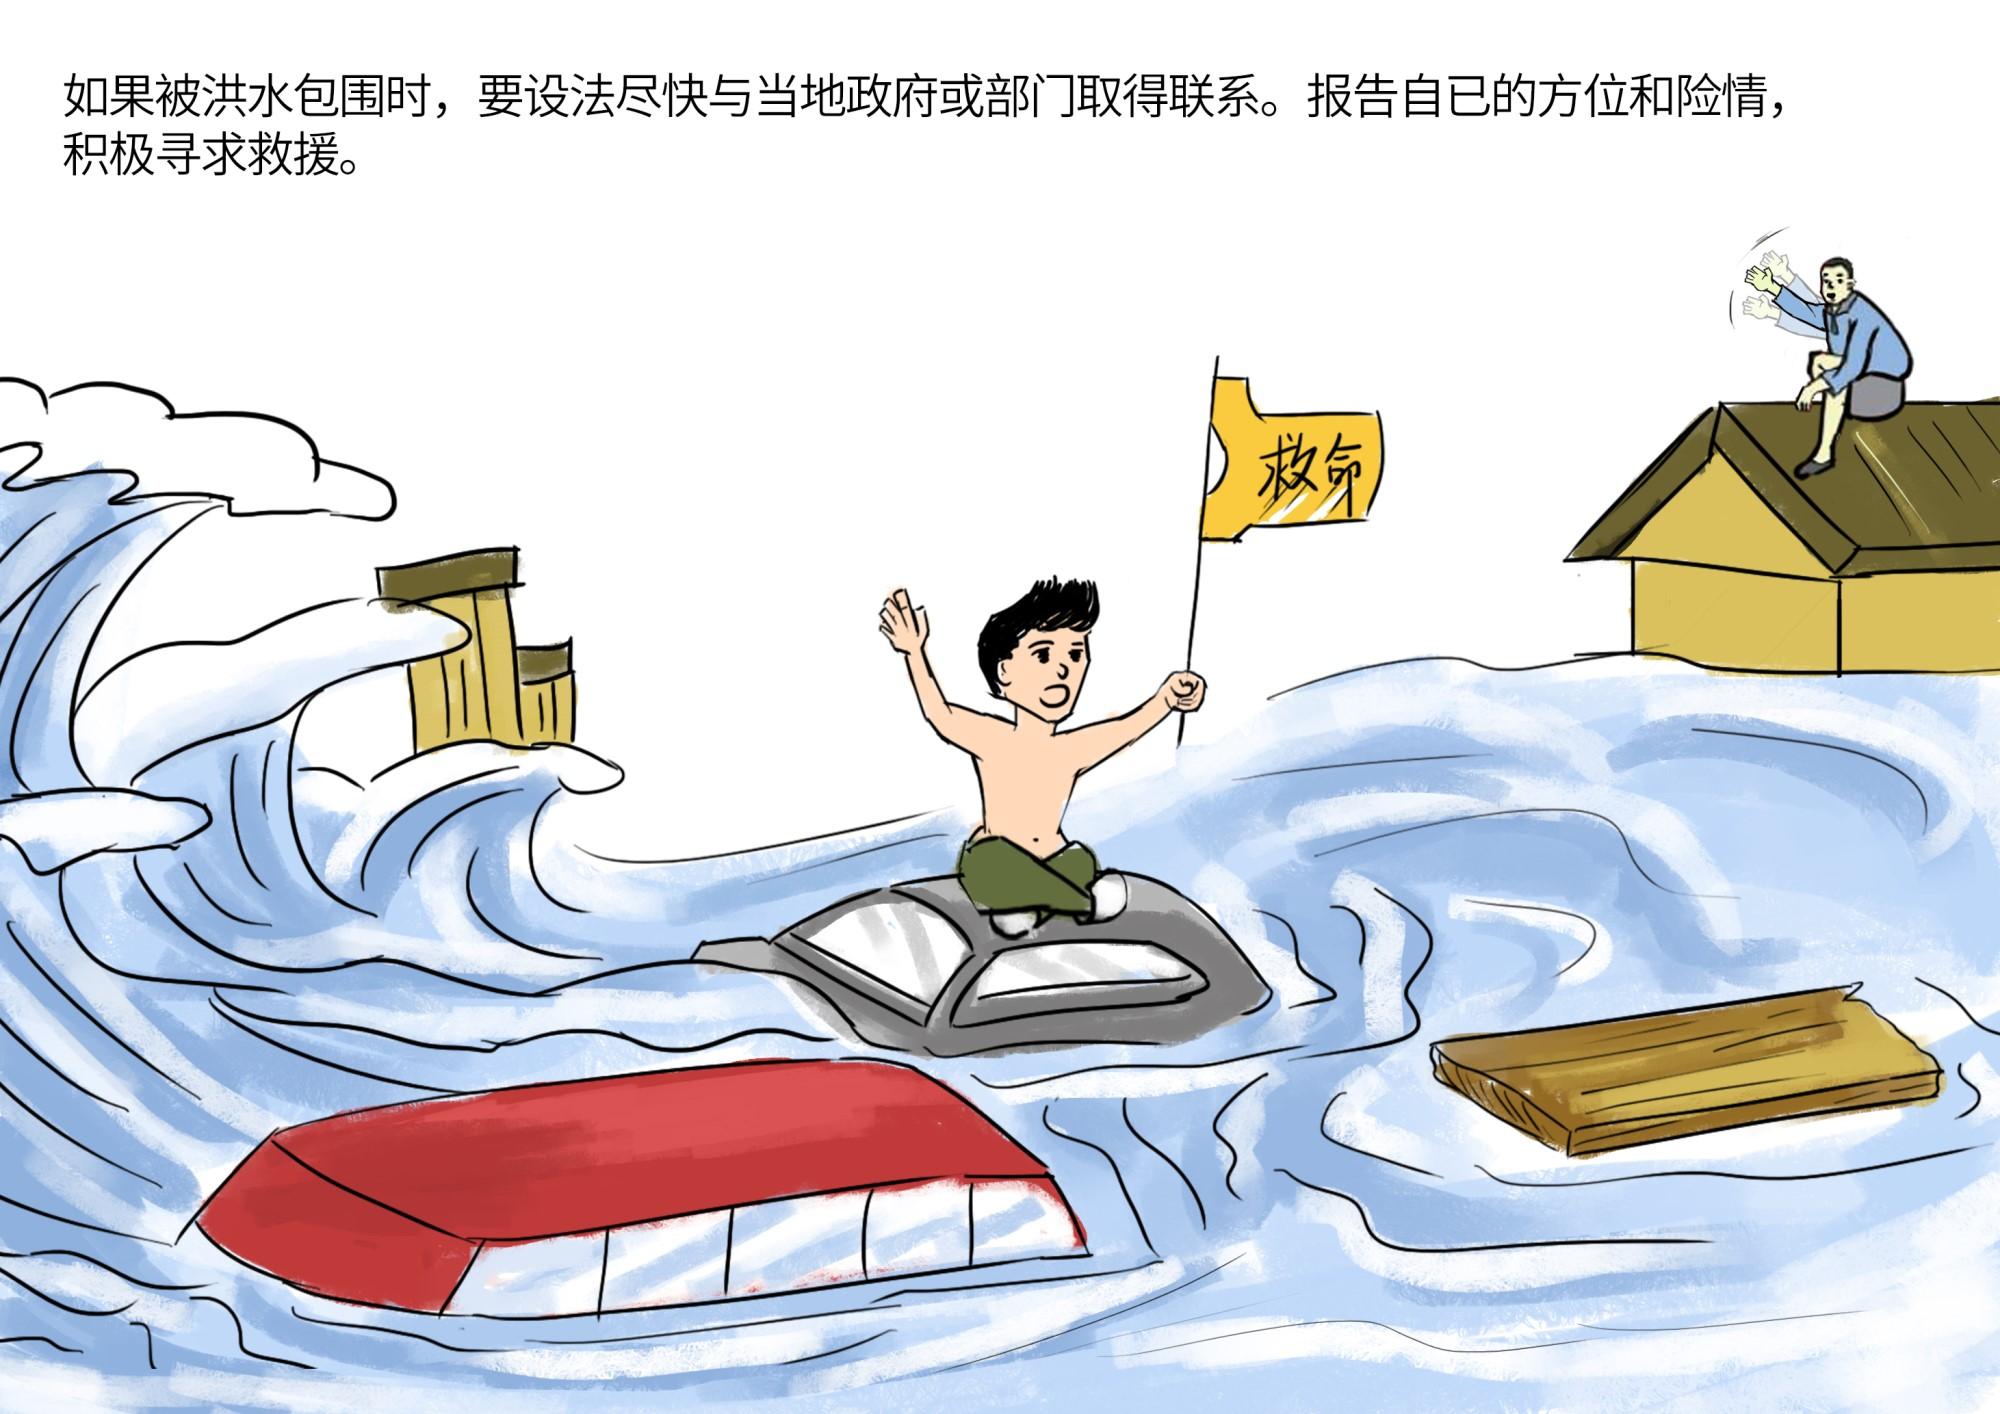 防汛安全小常识 漫画手册之 洪水篇 转自成都文明网图片